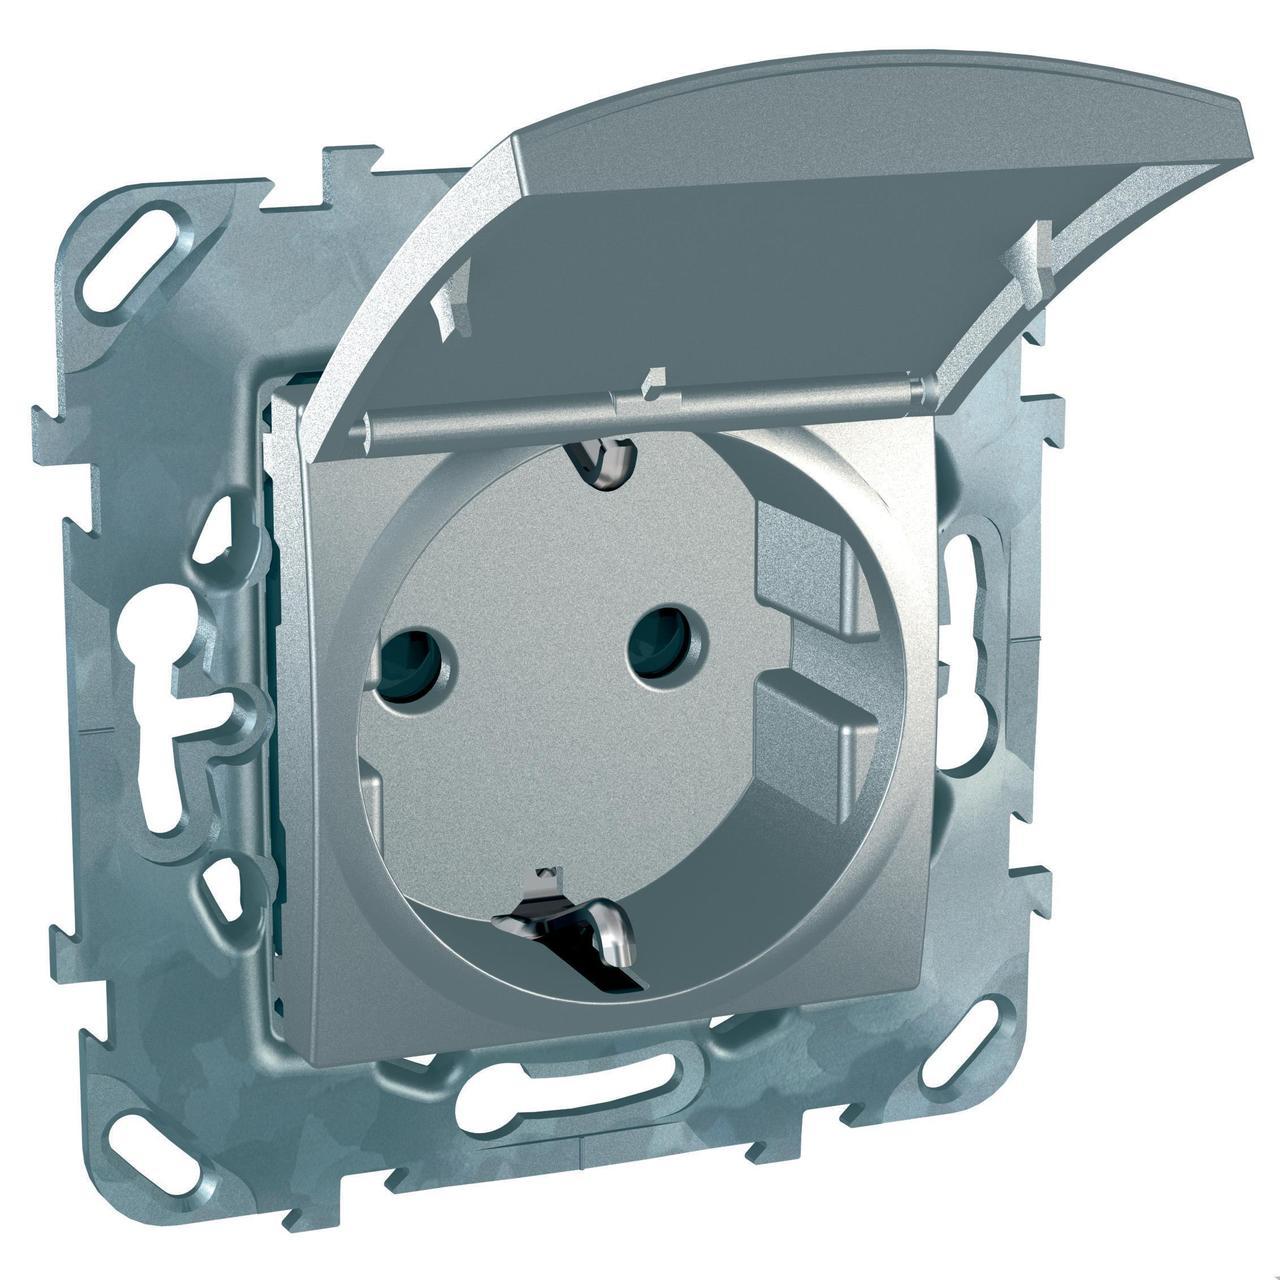 Розетка 1-ая электрическая , с заземлением и крышкой , Алюминий, серия UNICA TOP/CLASS, Schneider Electric